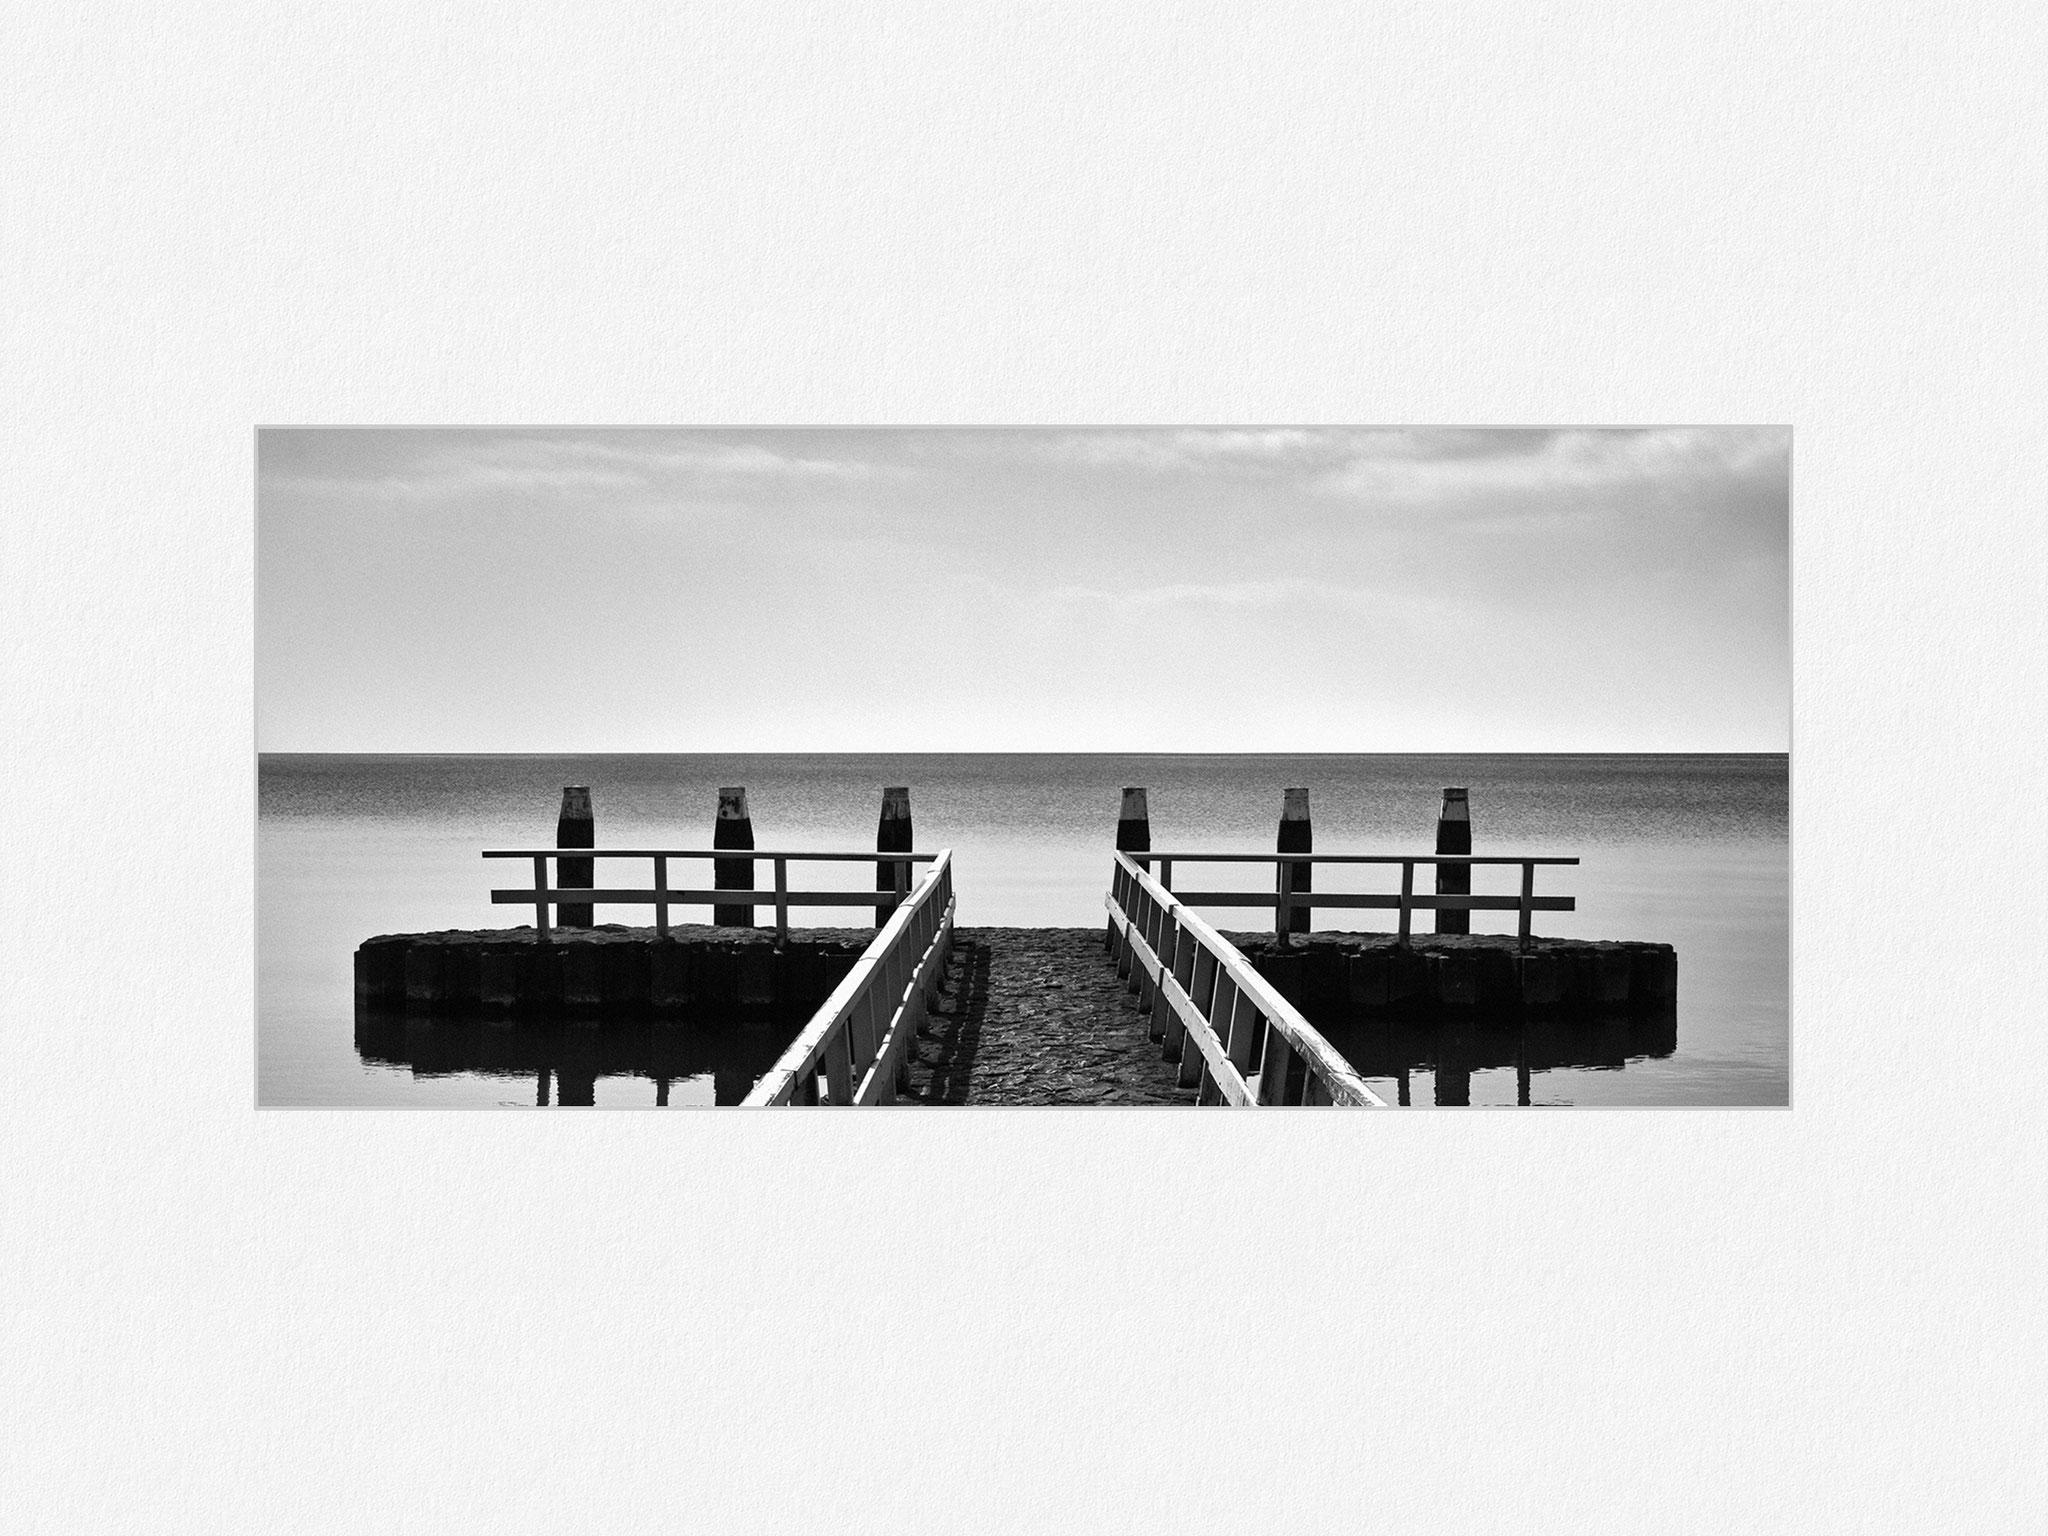 IJsselmeer, Breezanddijk, 2016 [No.1] – © Oliver G. Miller